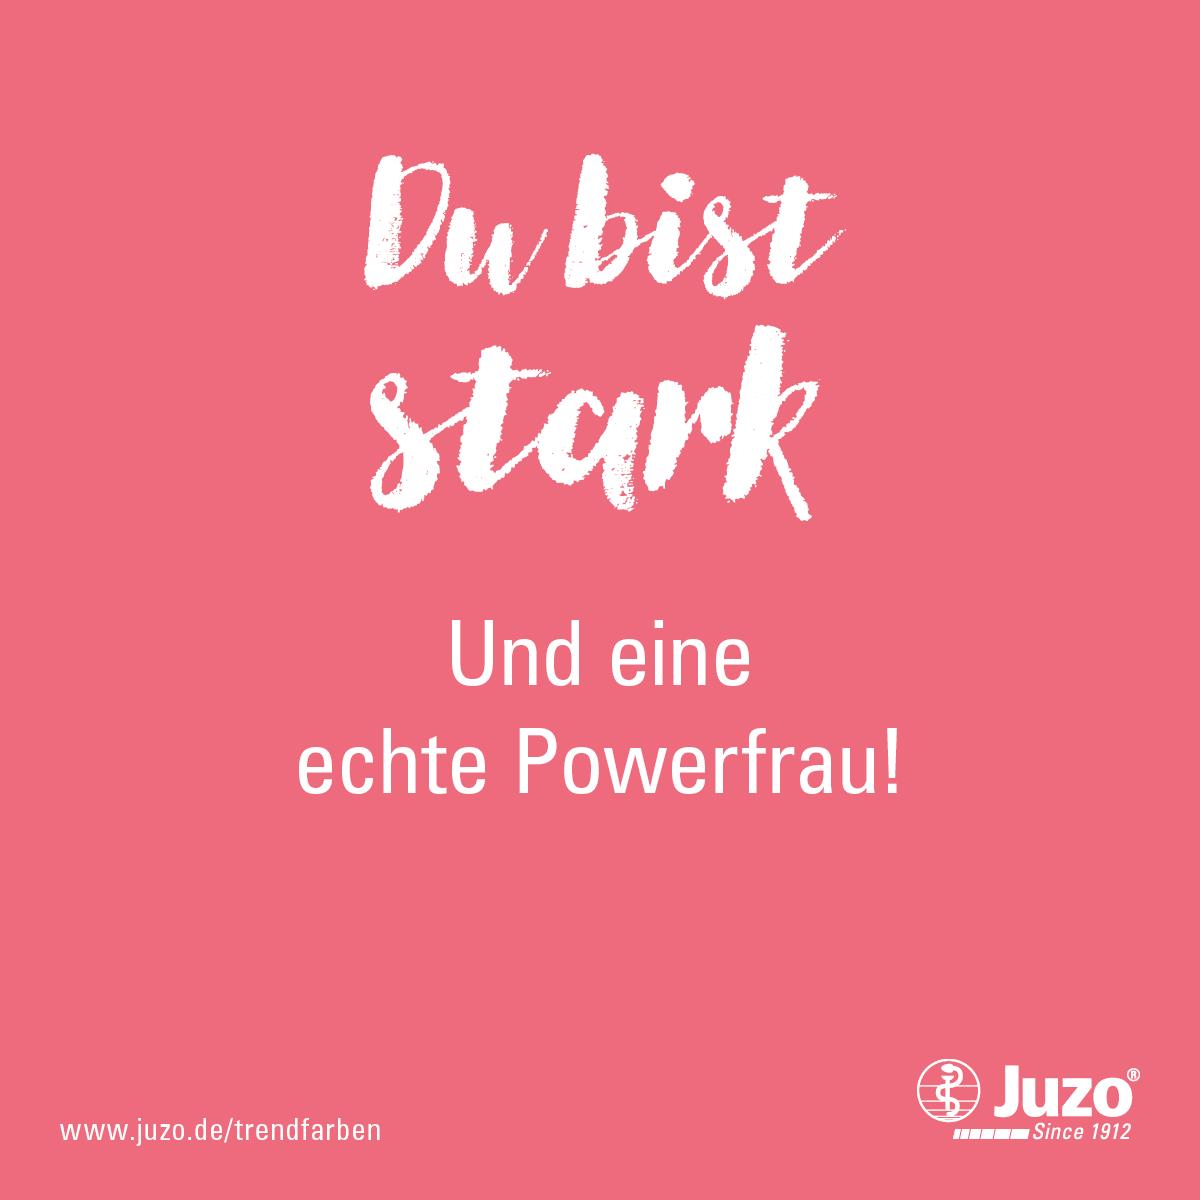 powerfrauen sprüche Du bist stark und eine echte Powerfrau! Juzo Trendfarben 2018  powerfrauen sprüche